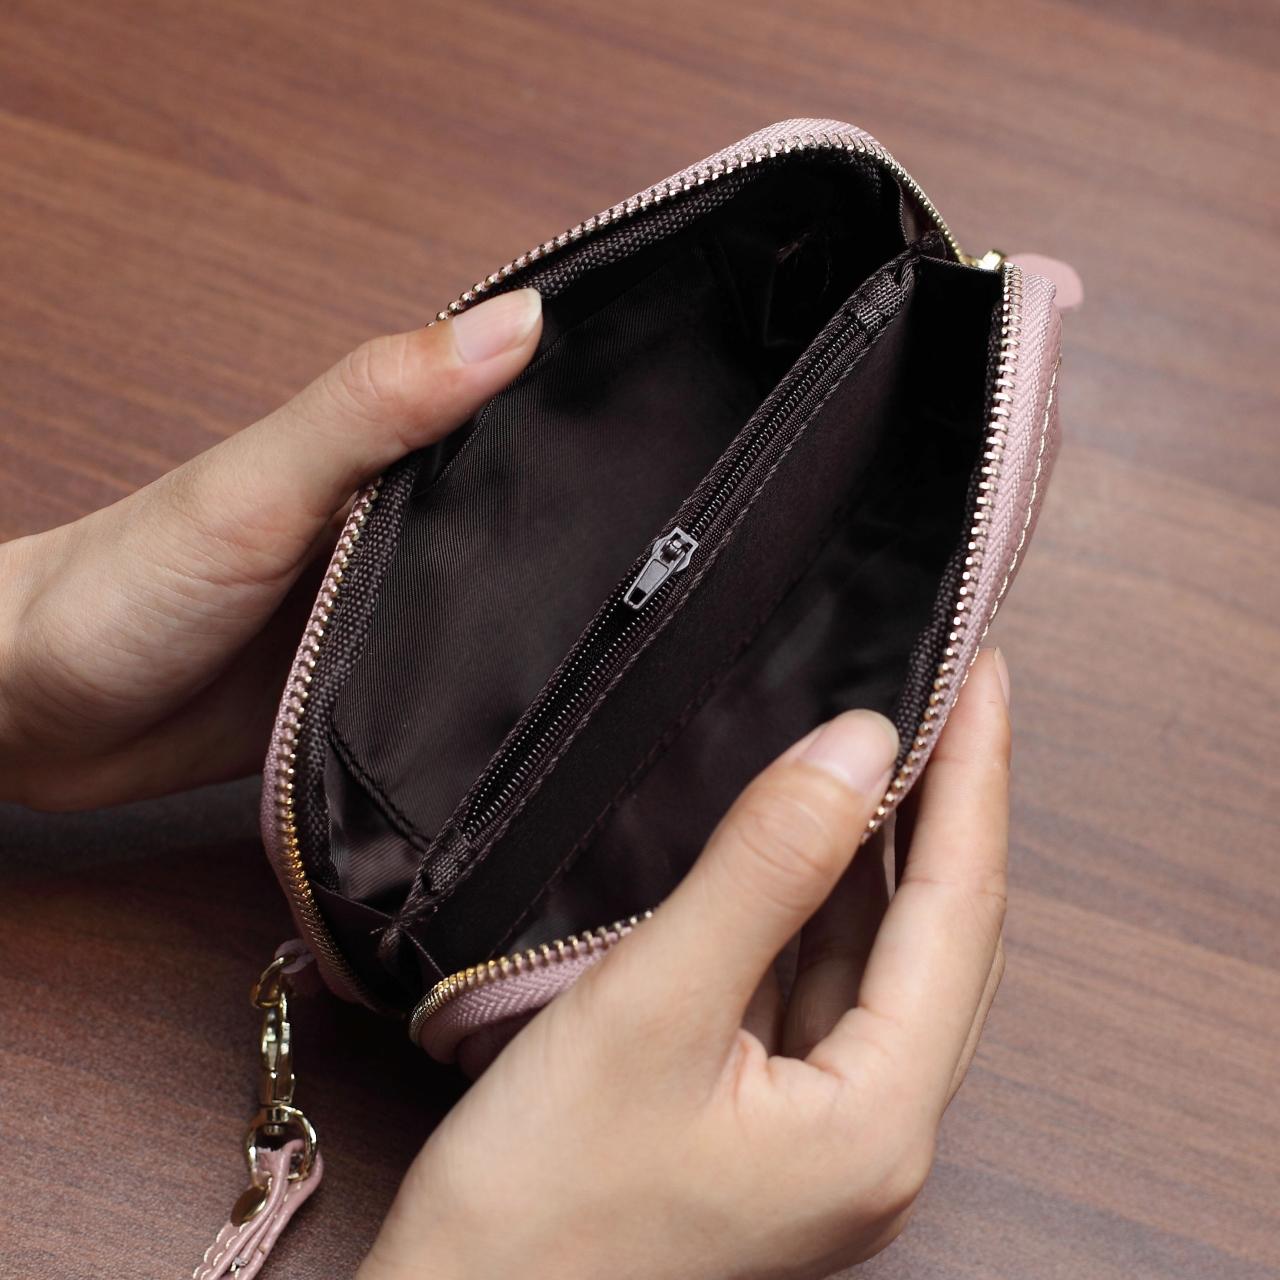 贝壳大容量手机钥匙零钱包多功能手拎女式时尚迷你小手包手拿小包